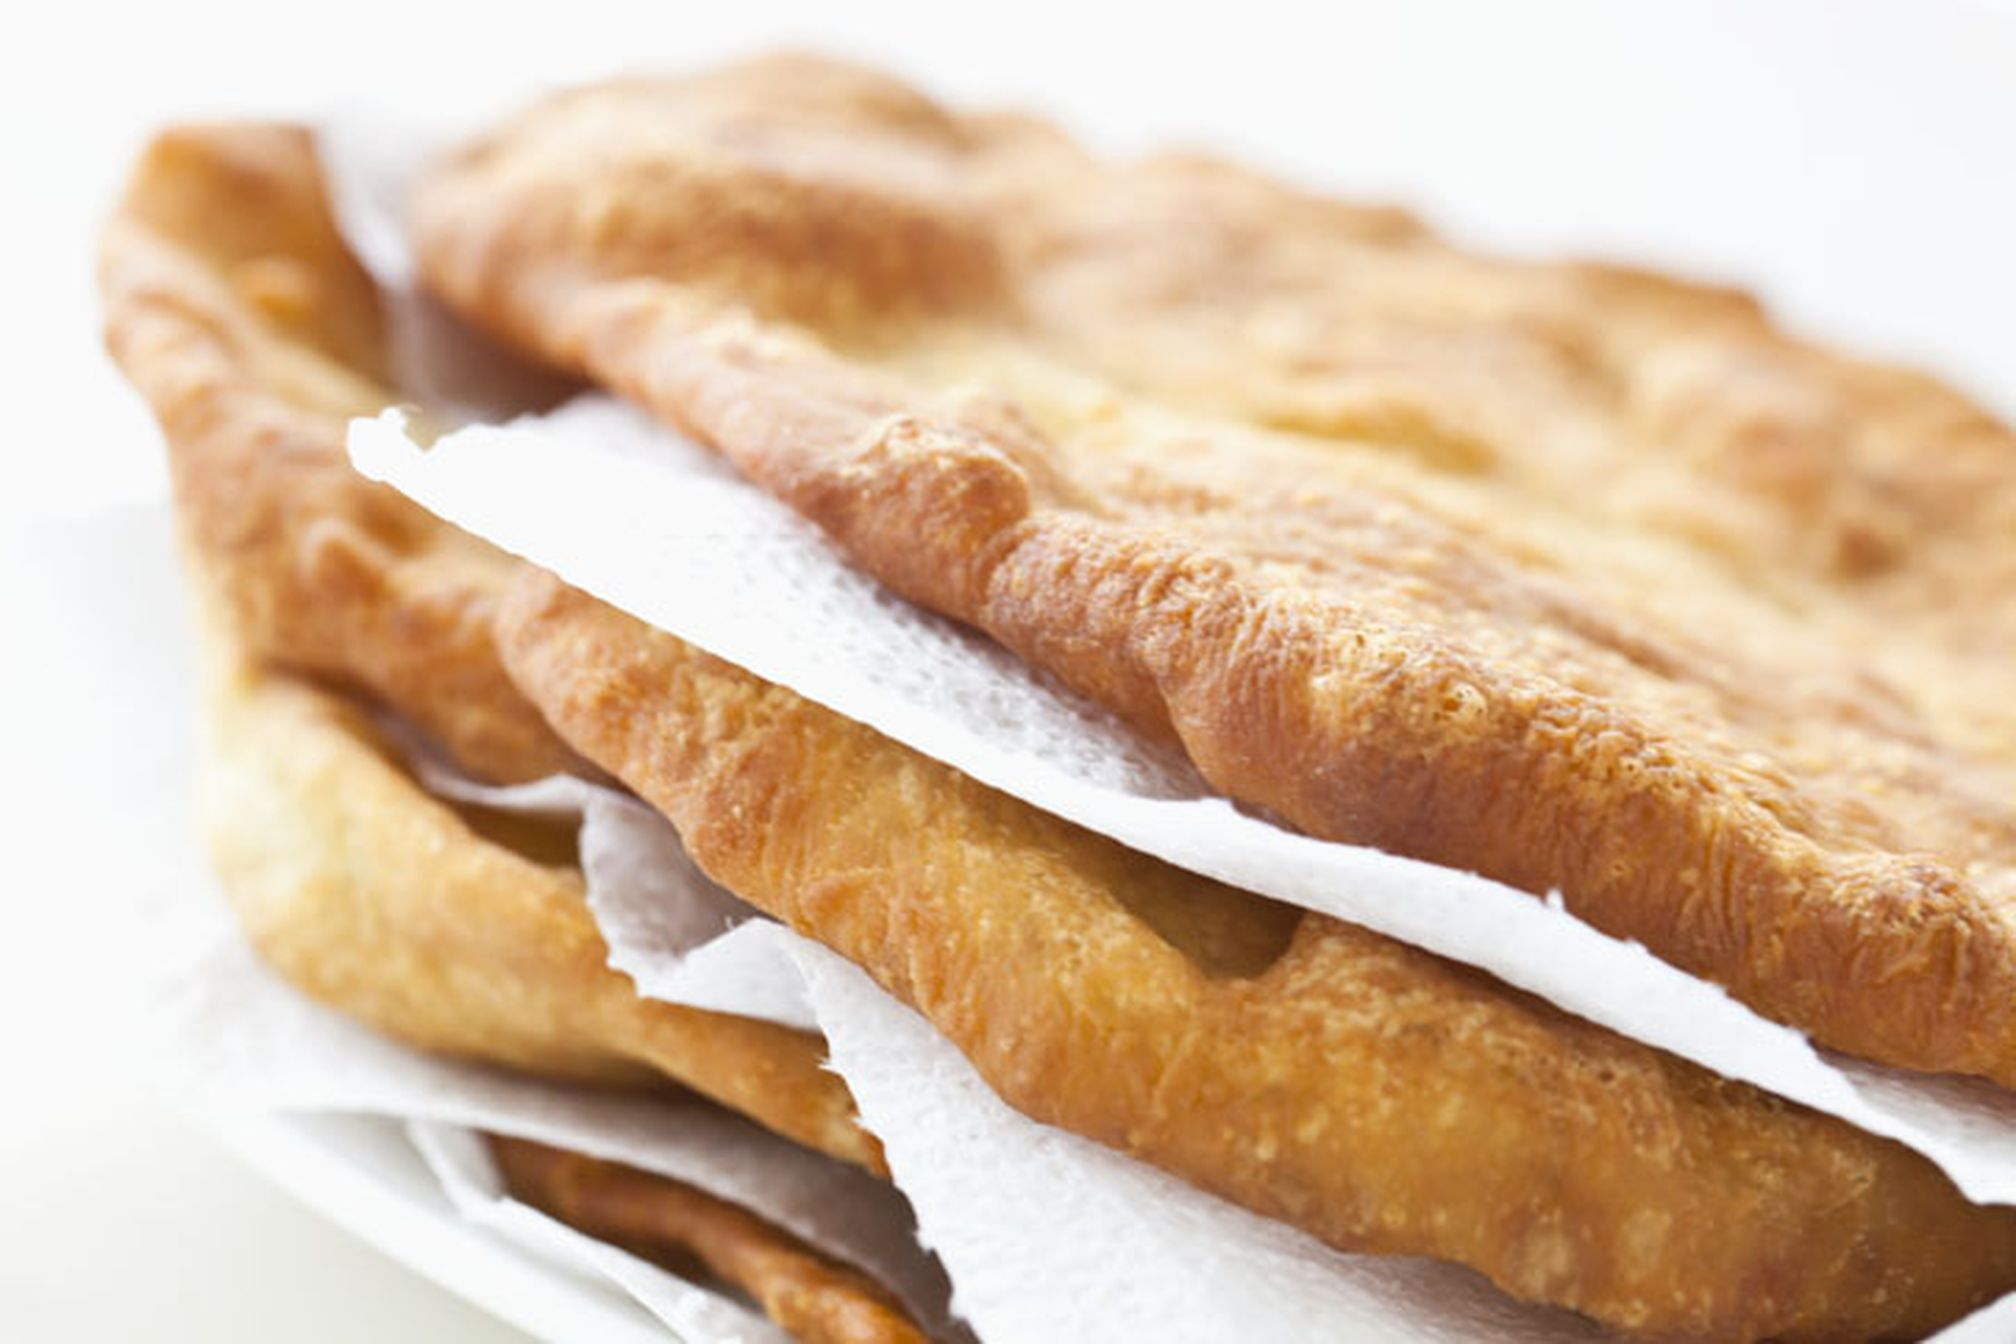 Best Fried Dough Recipe How To Make Homemade Deep Fried Dough